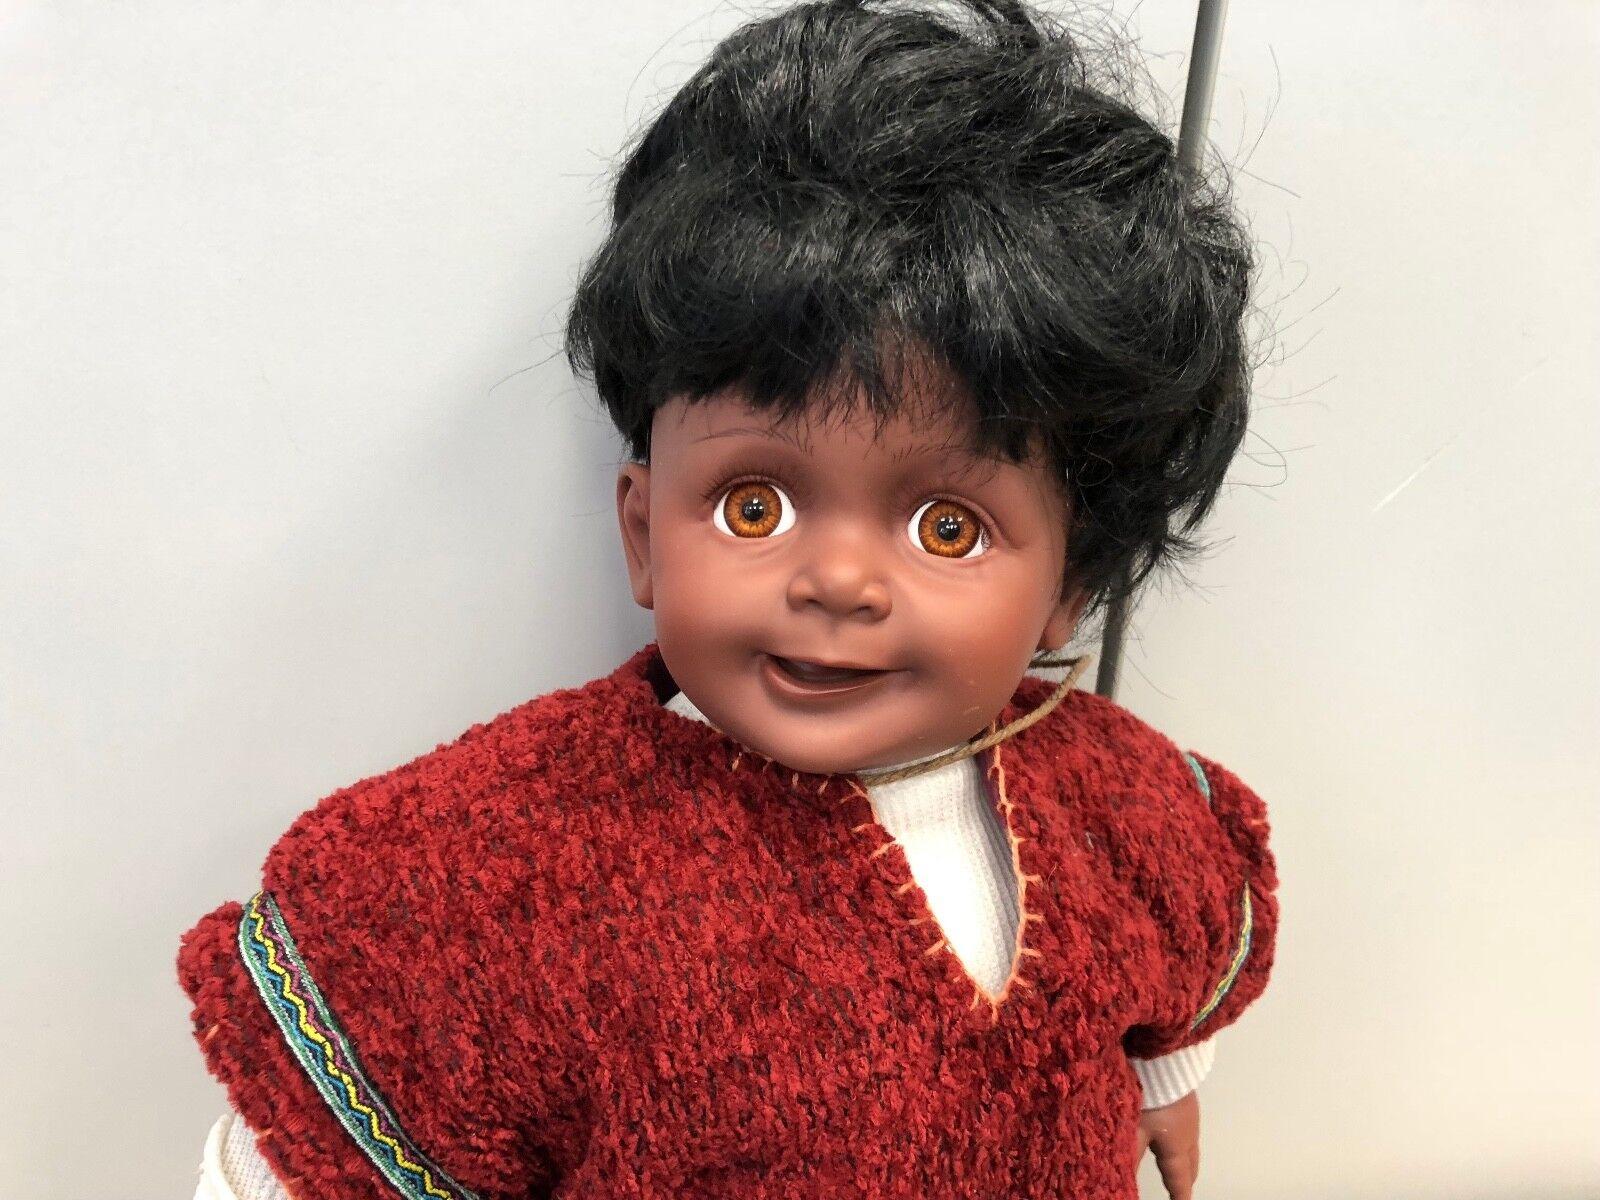 Künstlerpuppe Vinyl Puppe Puppe Puppe 58 cm. Top Zustand c6d07e